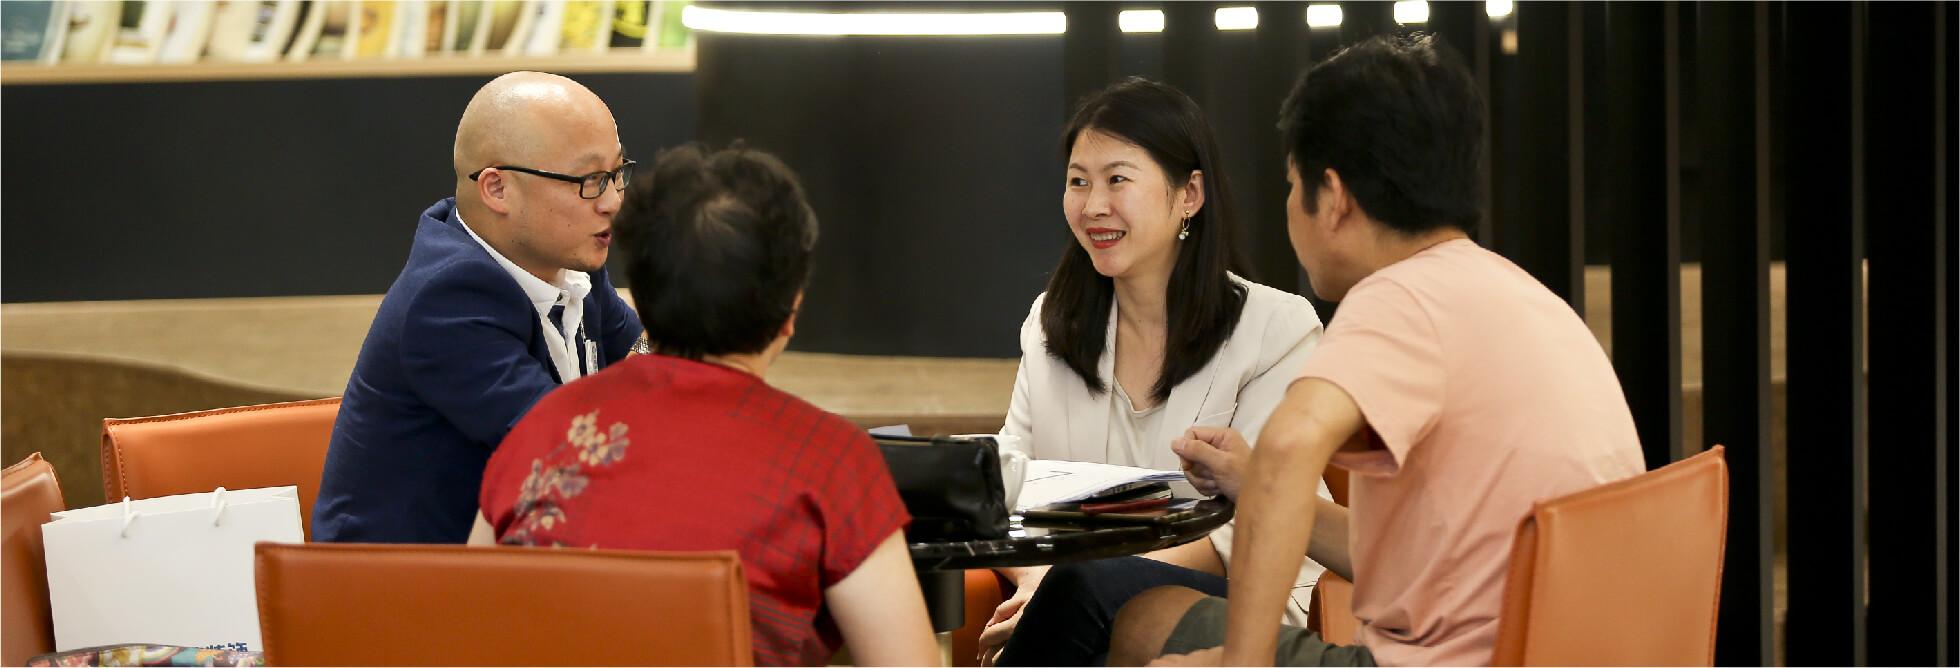 上海家博会现场示图7